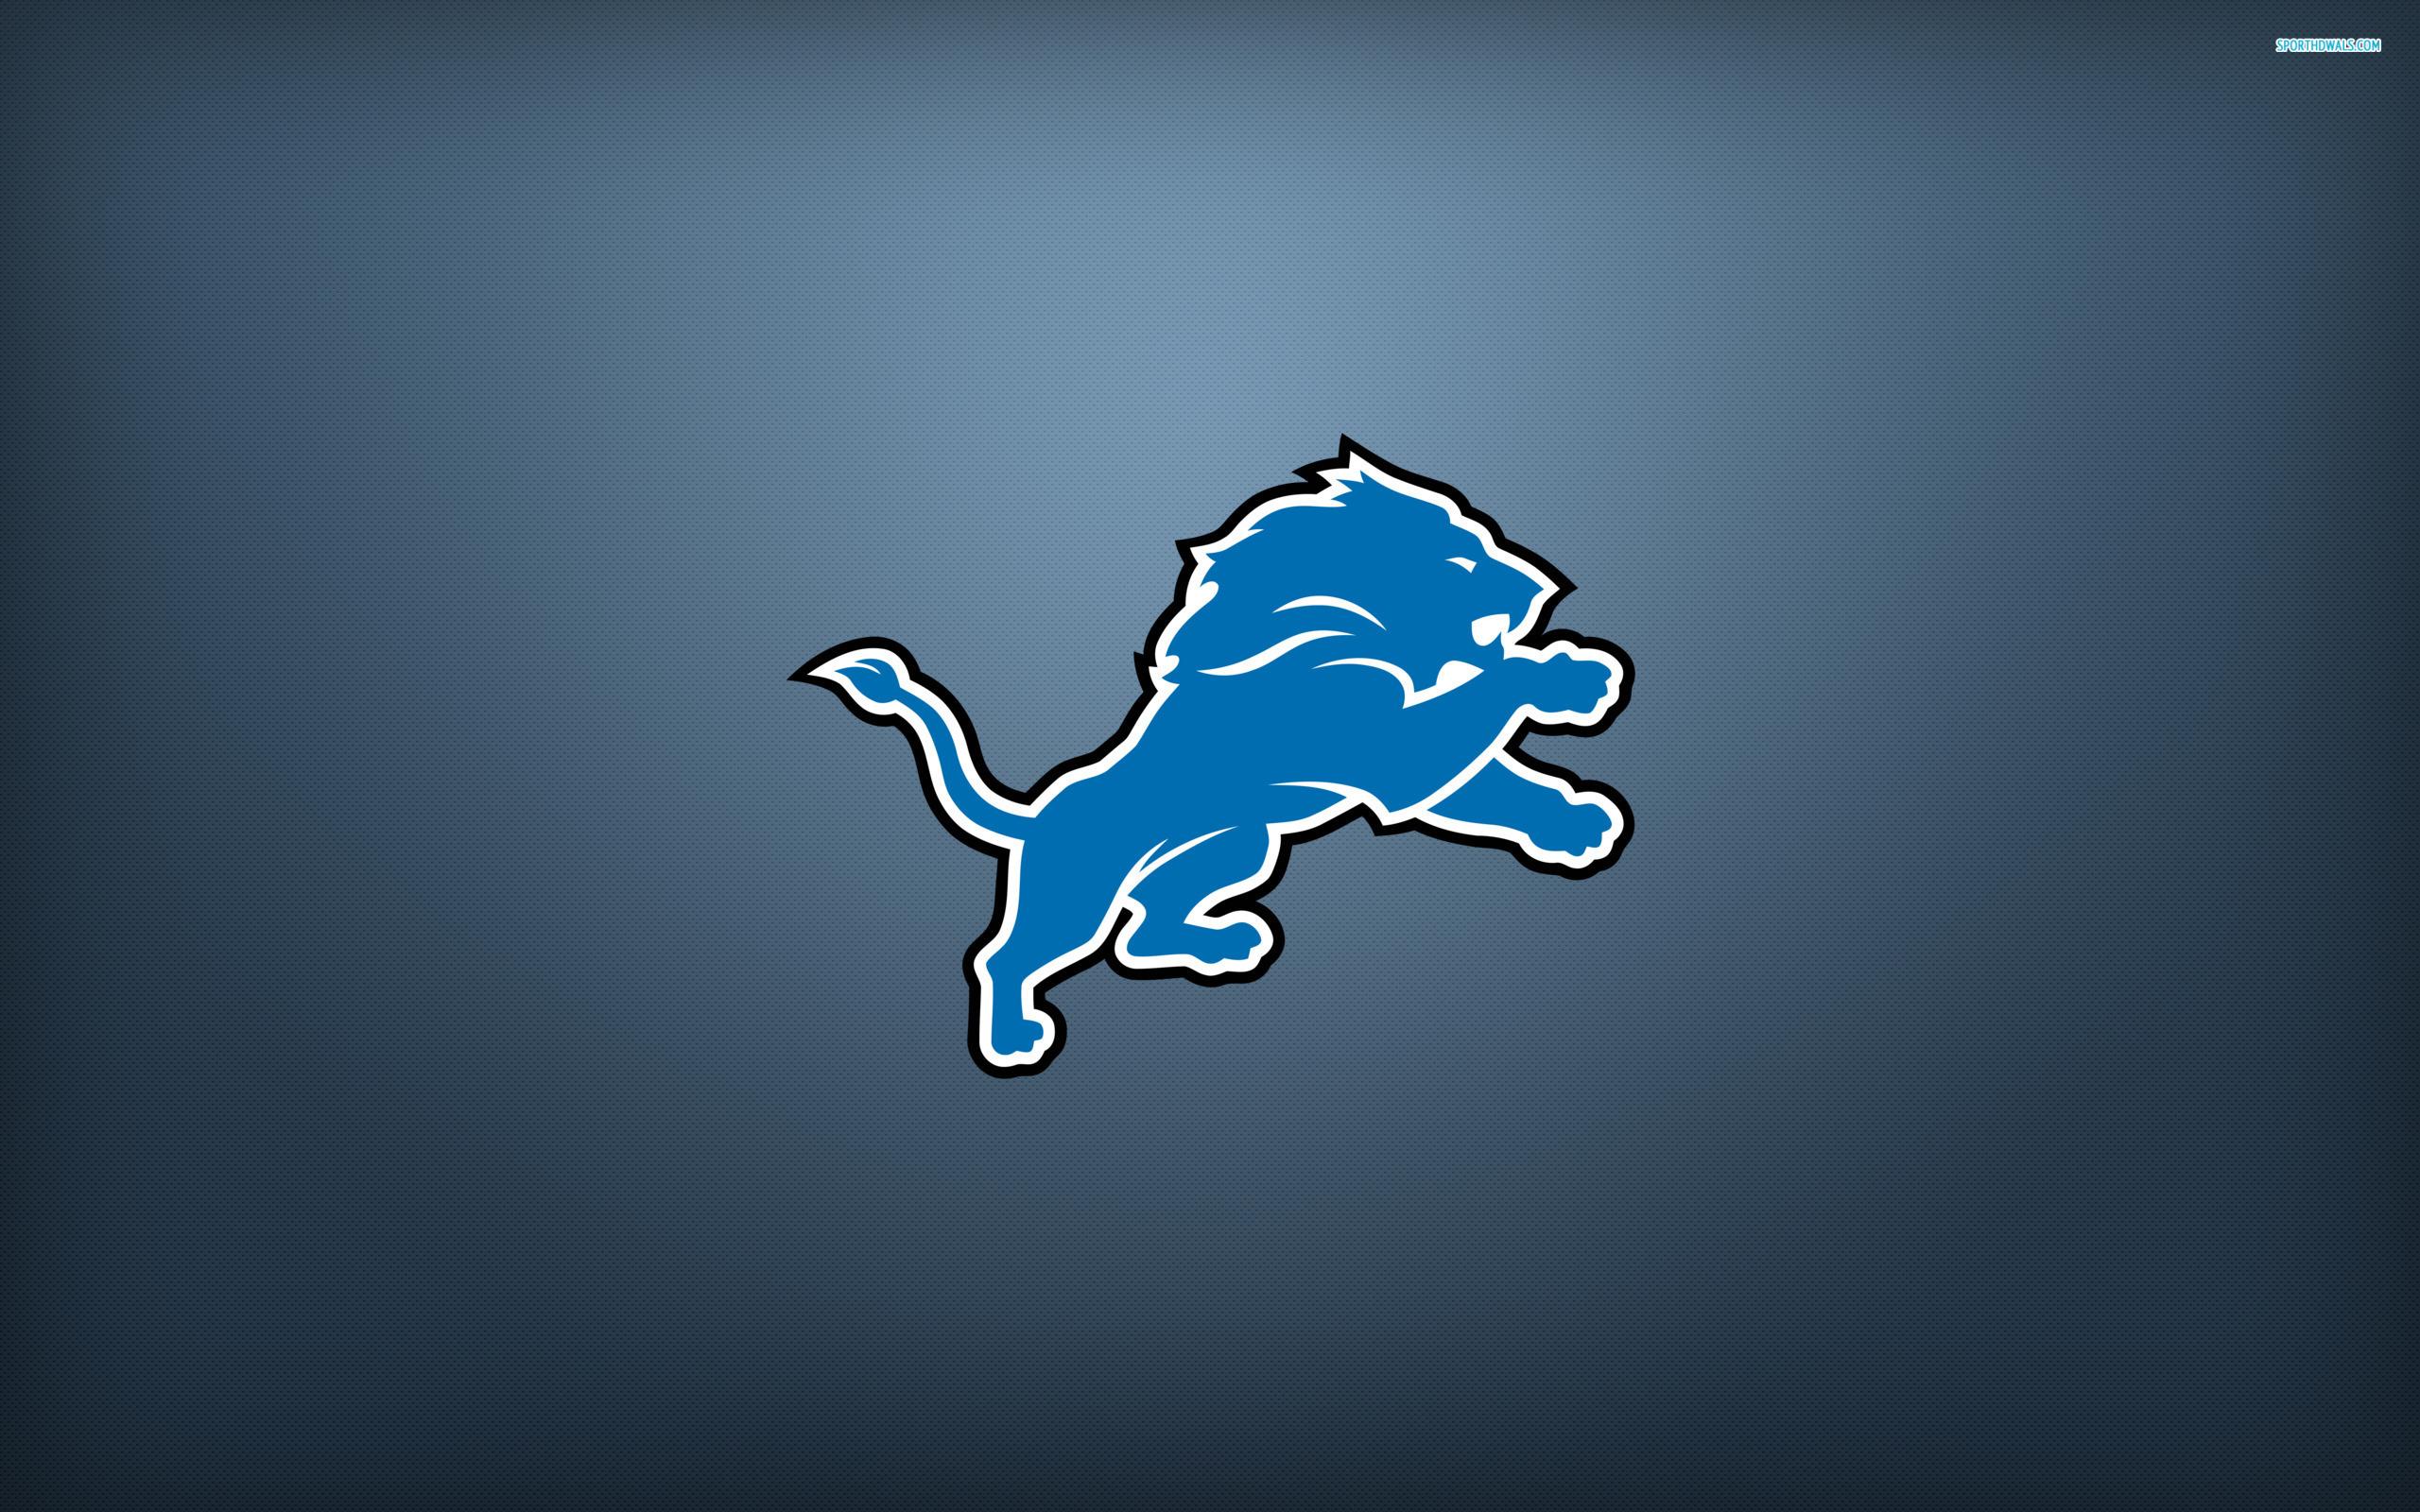 Detroit Lions Wallpaper - Detroit Lions , HD Wallpaper & Backgrounds